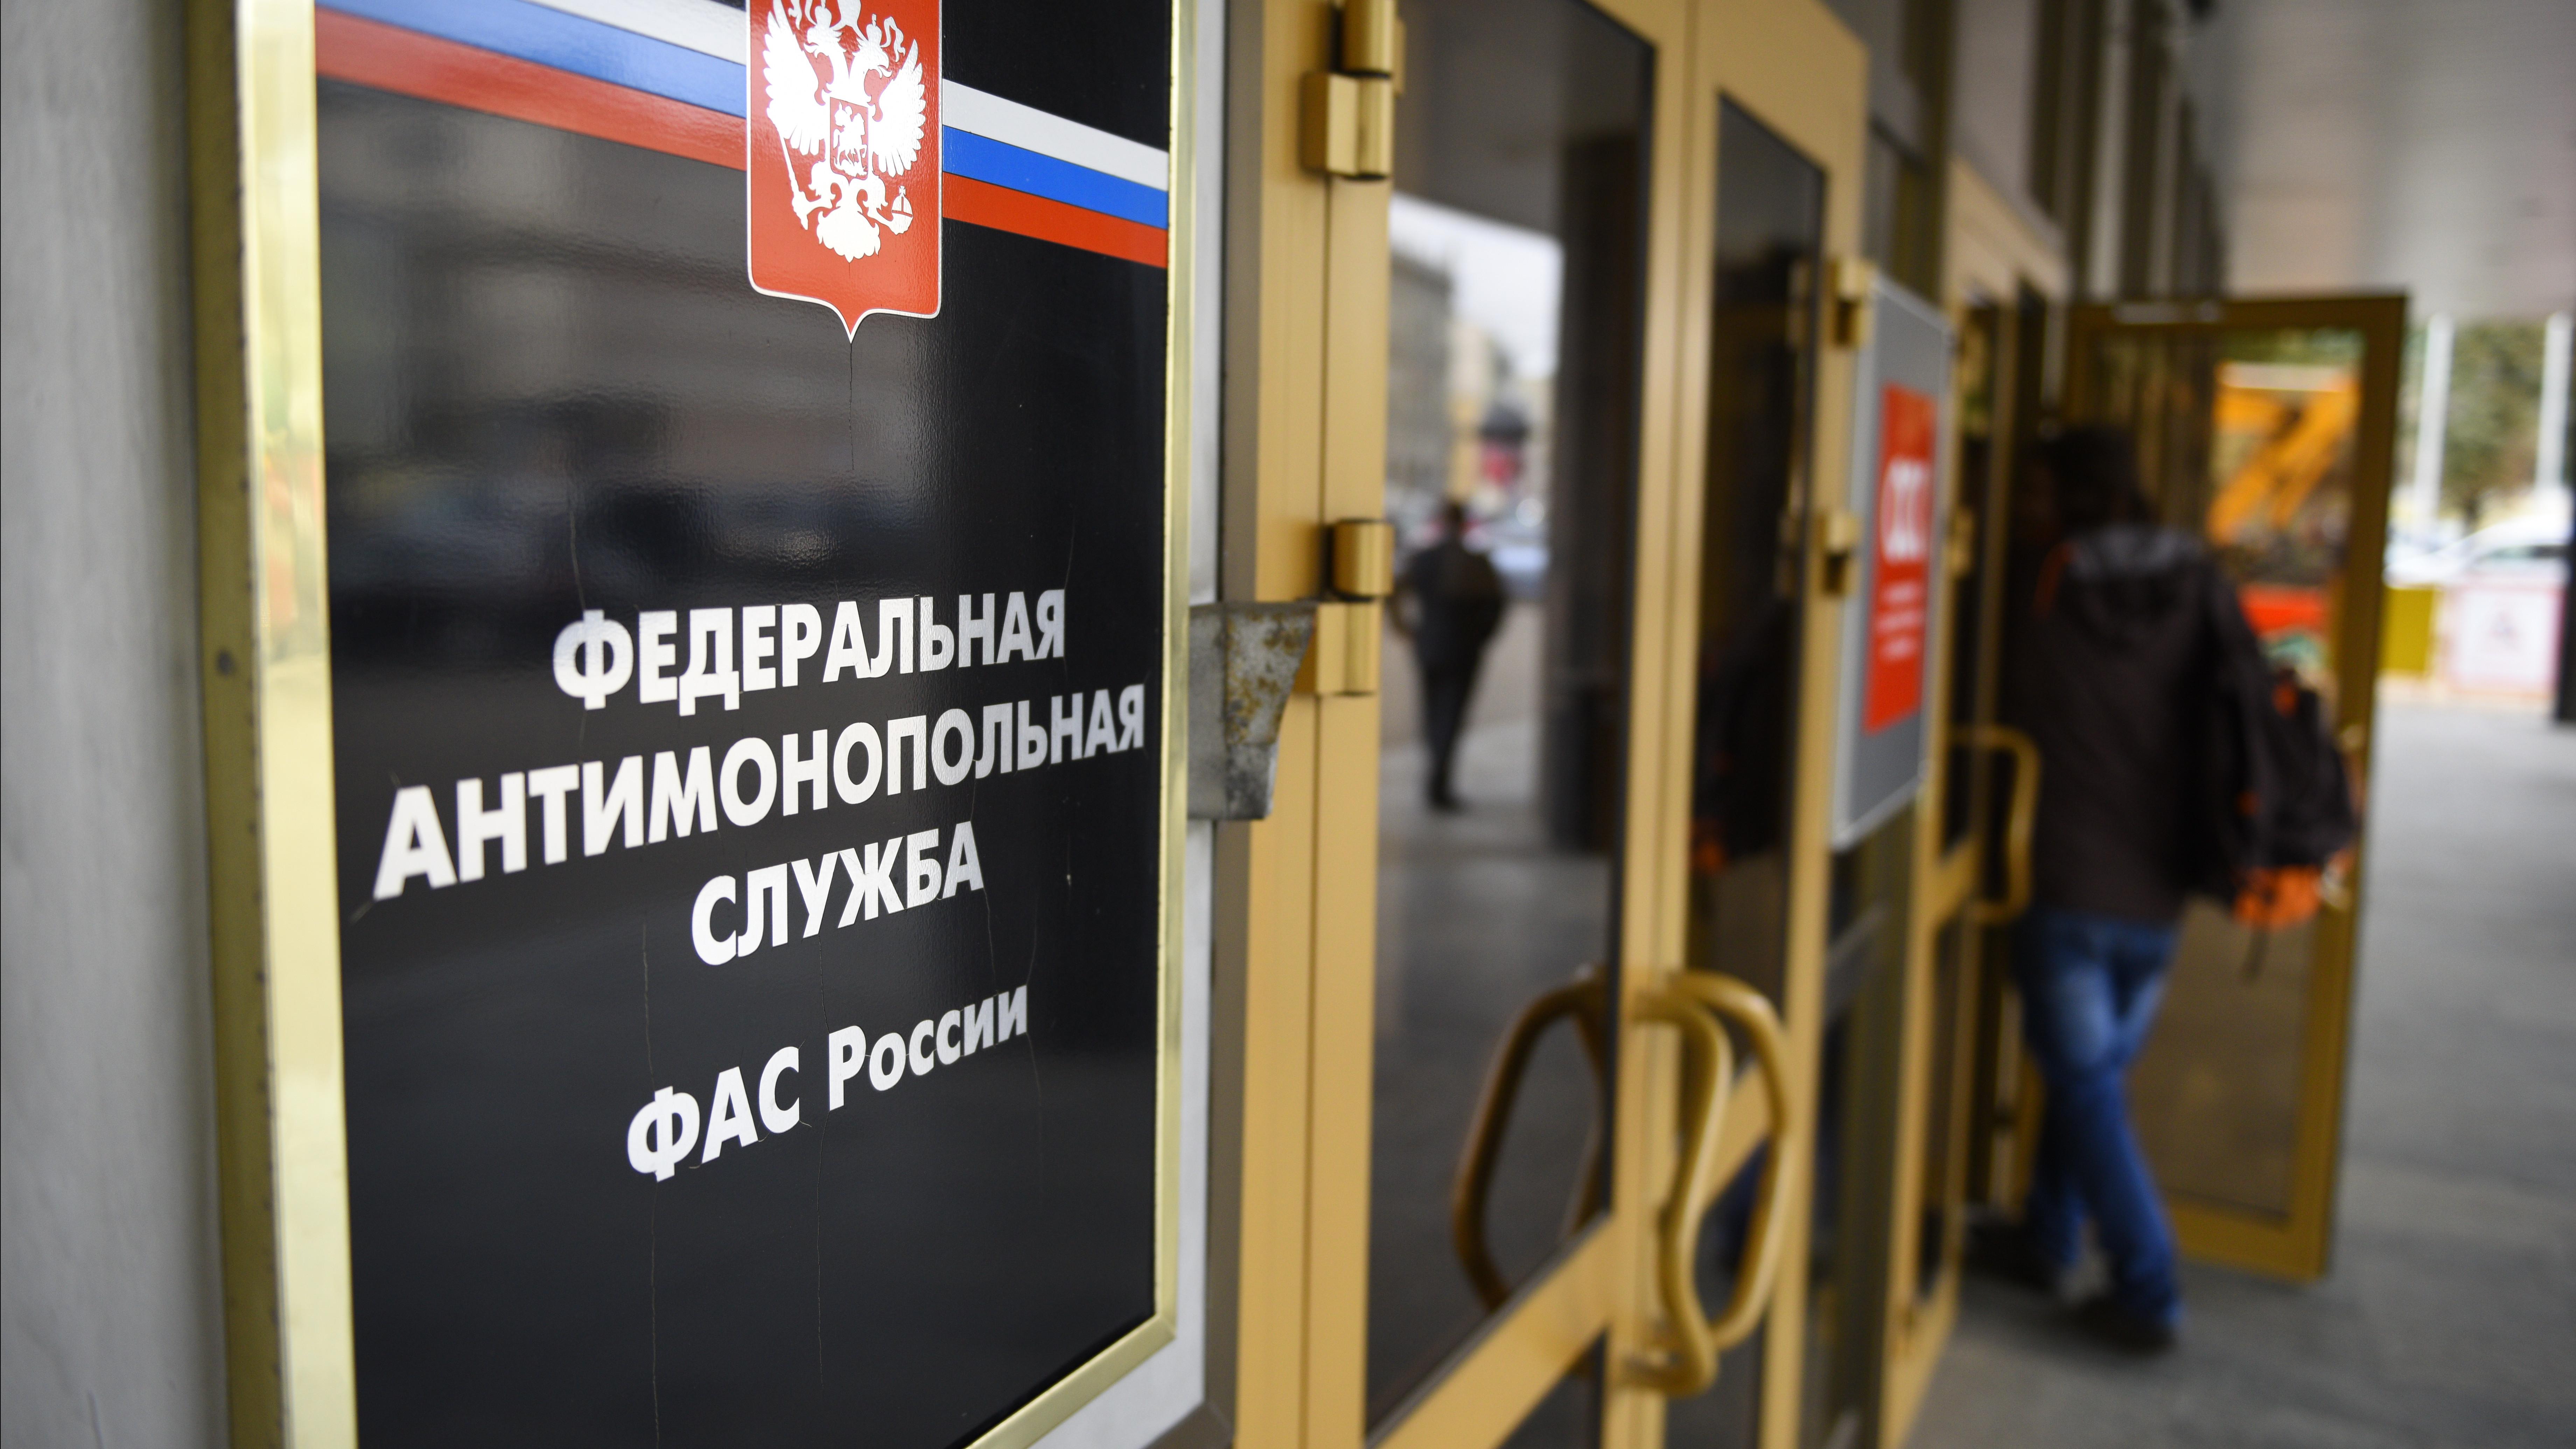 Подмосковное УФАС внесет ООО «Интэгра Питер» в реестр недобросовестных поставщиков